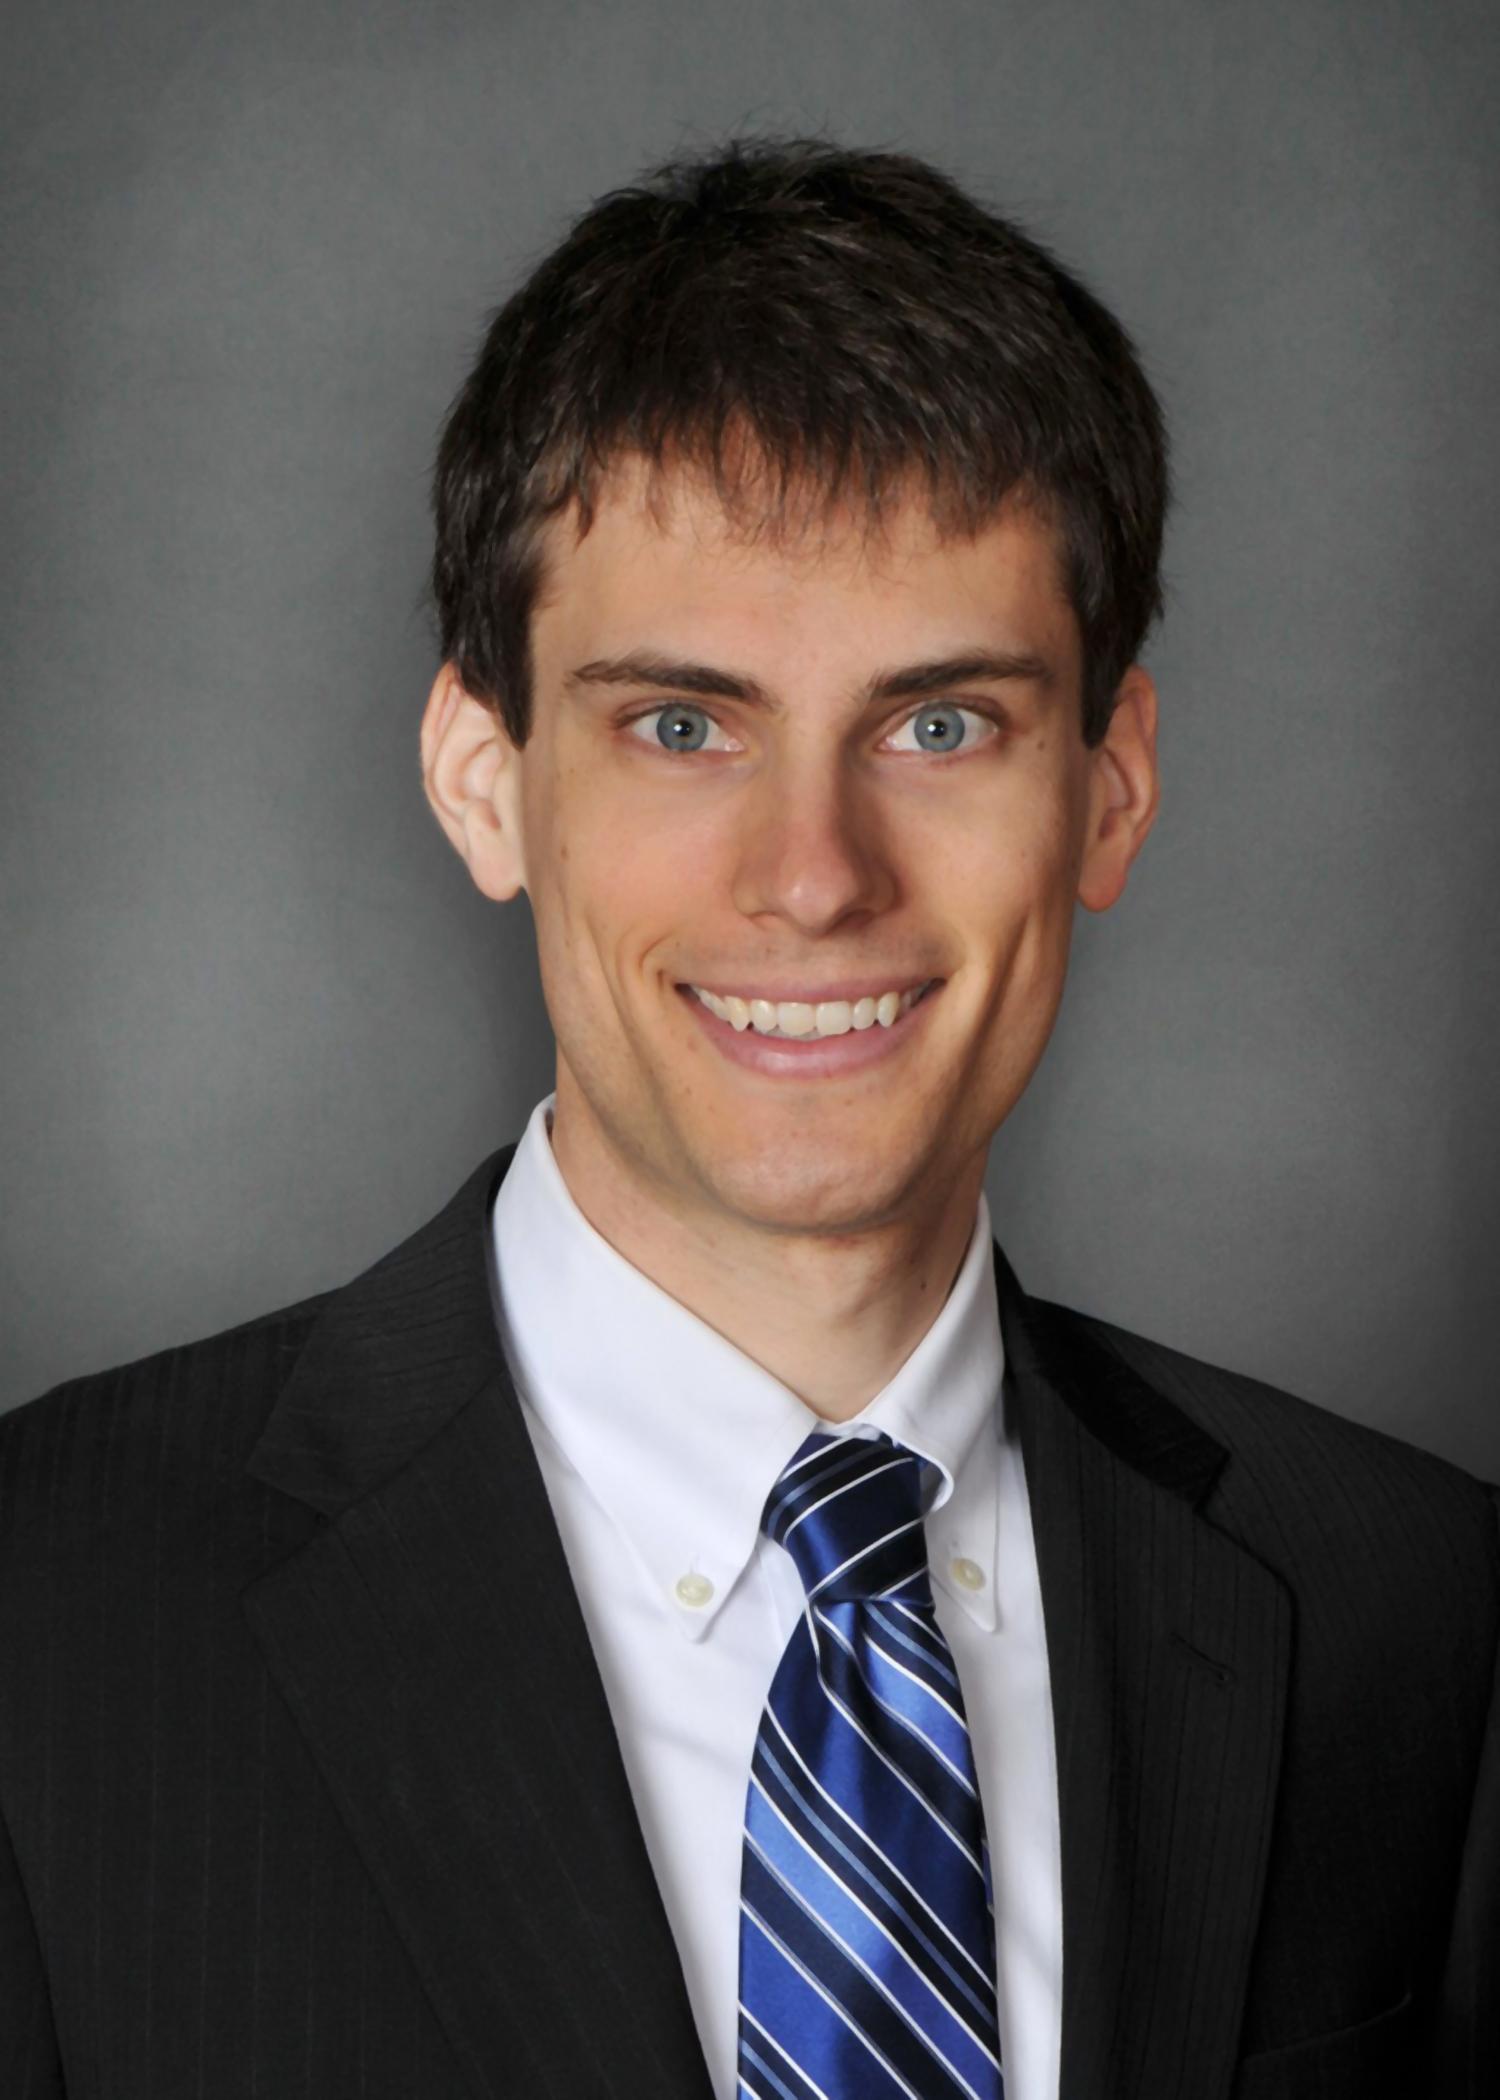 Evan P. Kaplan